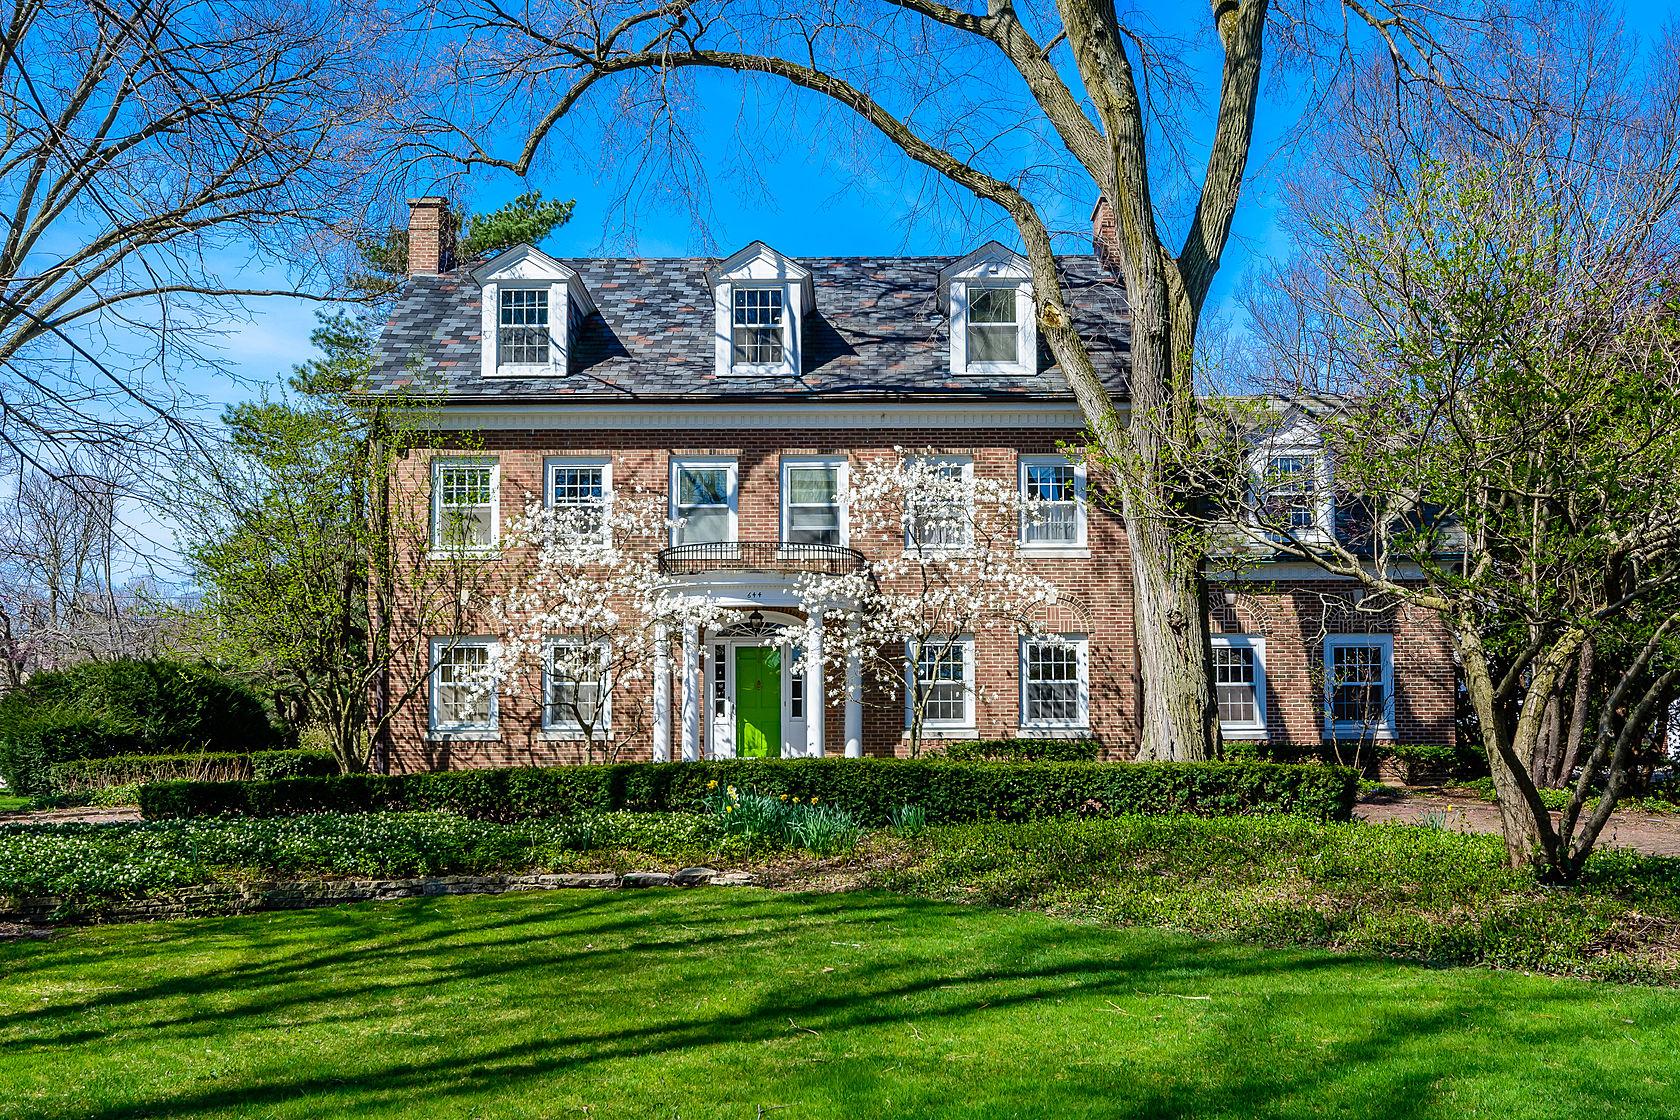 Maison unifamiliale pour l Vente à 644 S. County Line Road, Hinsdale Hinsdale, Illinois, 60521 États-Unis